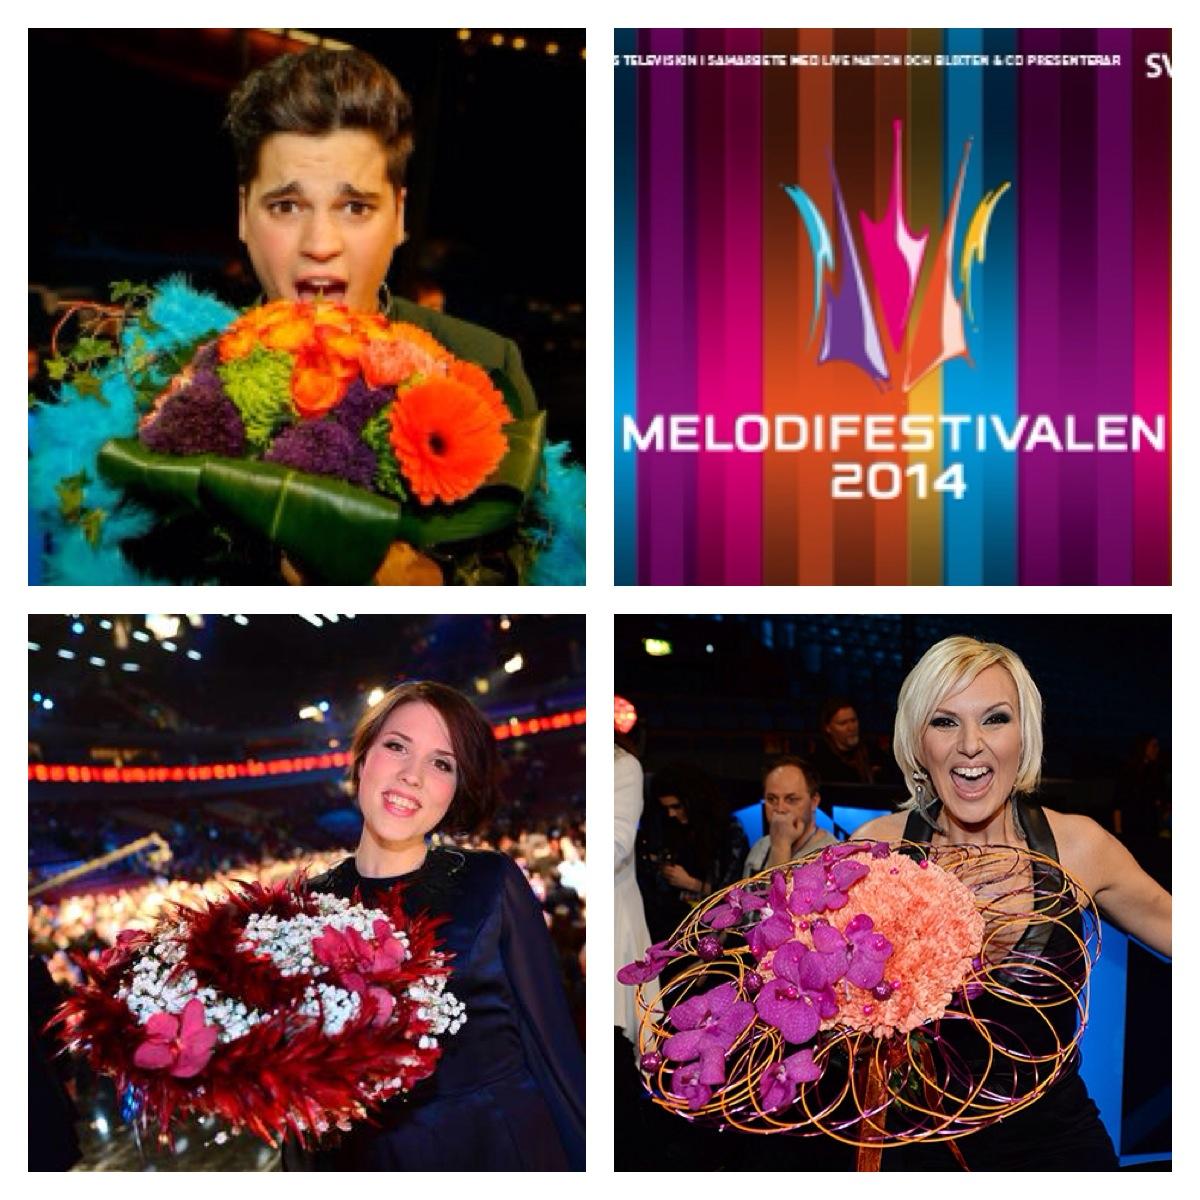 Melodifestivalen Sanna Nielsen, Oscar Zia, Ellen Benediktson